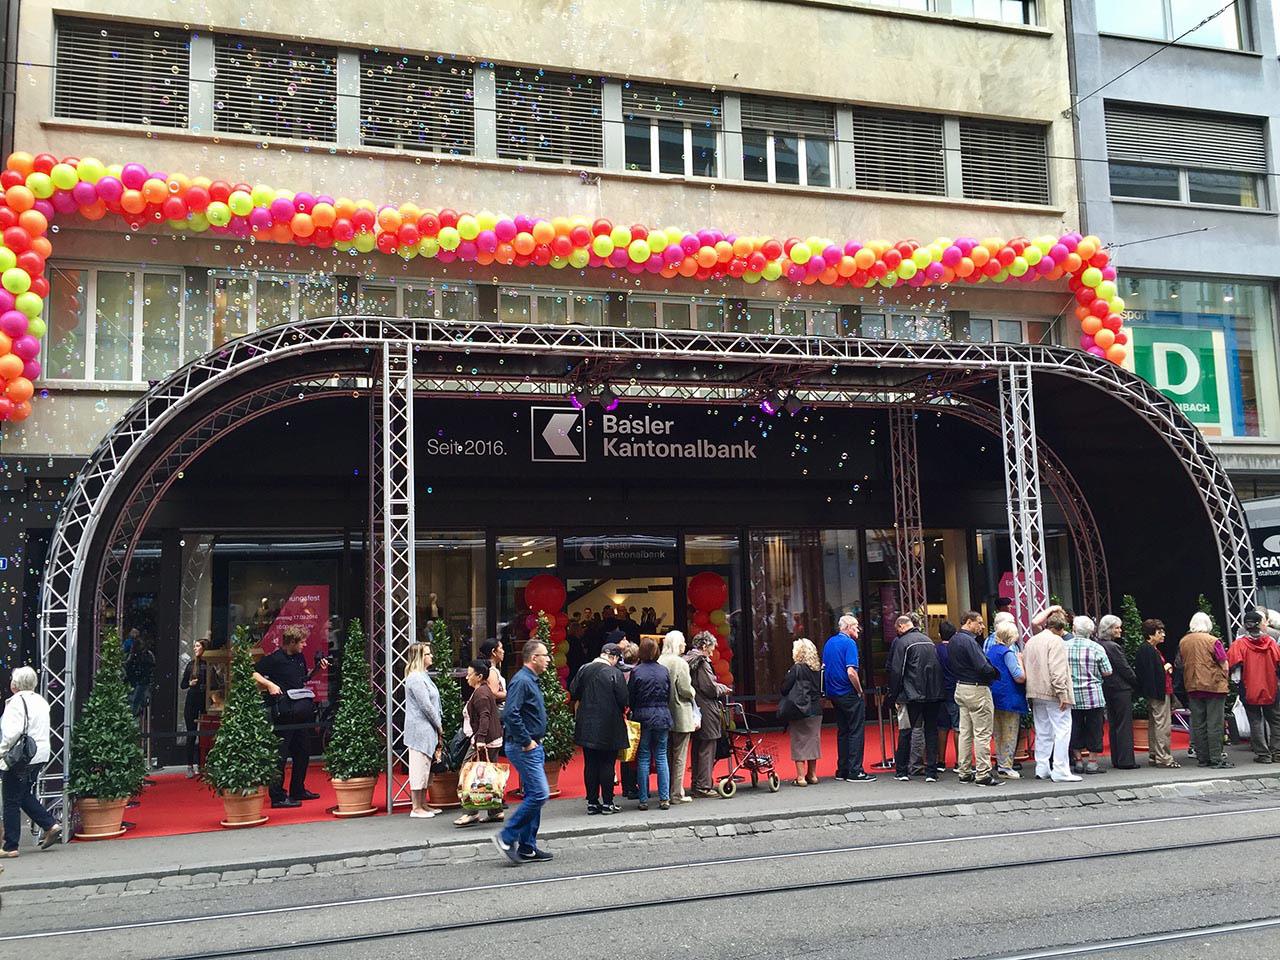 Events - Diverse Neueröffnungen Basler Kantonalbank